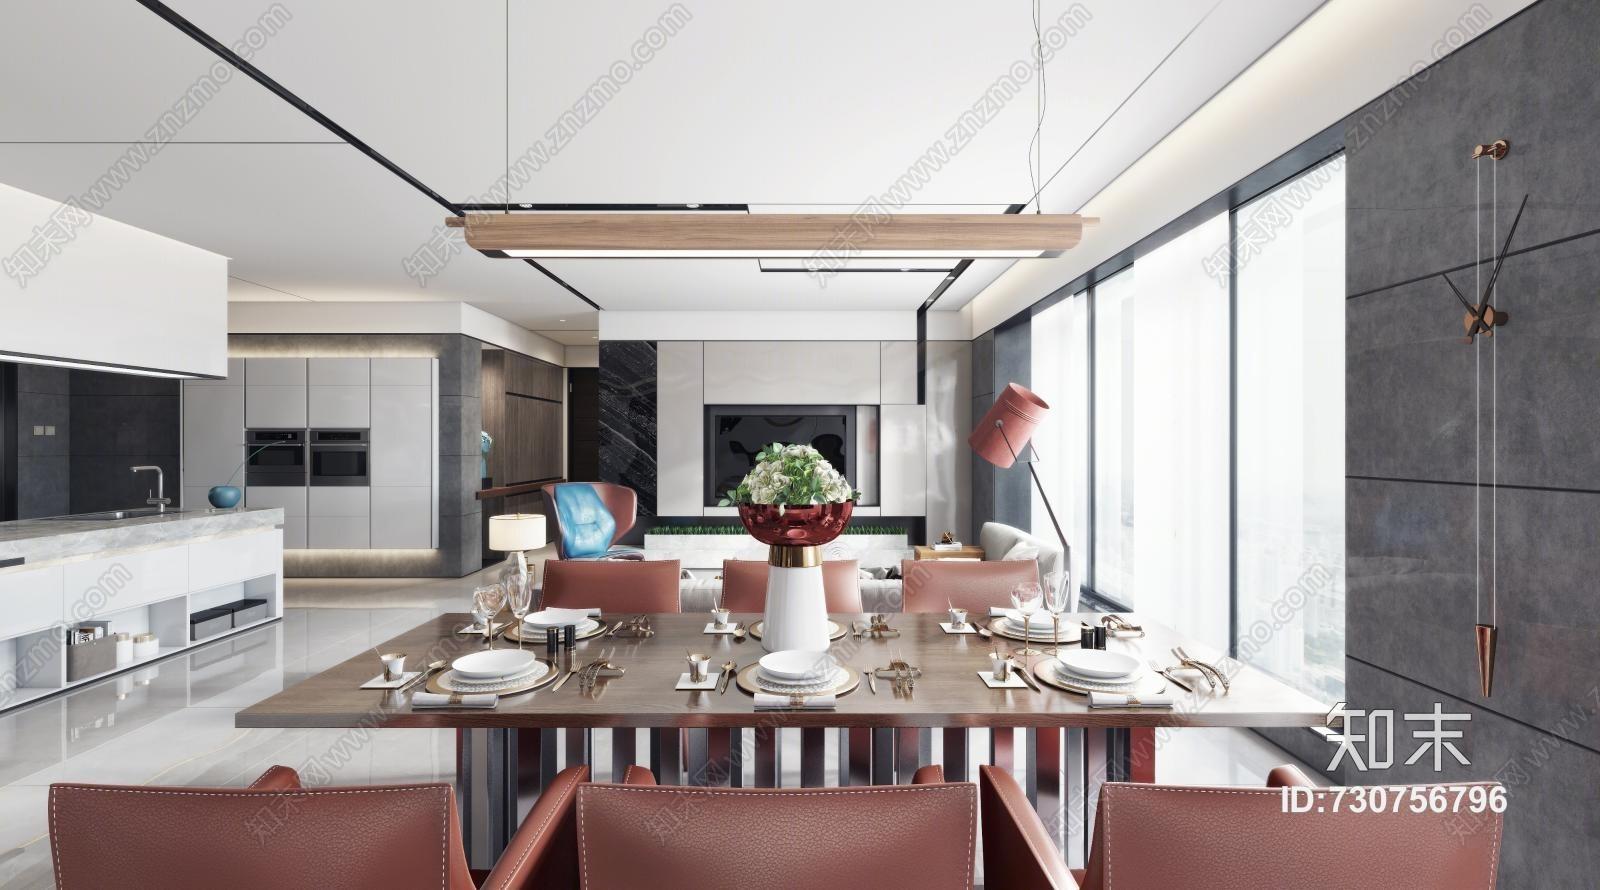 现代客厅餐厅 沙发茶几 落地灯 餐桌椅